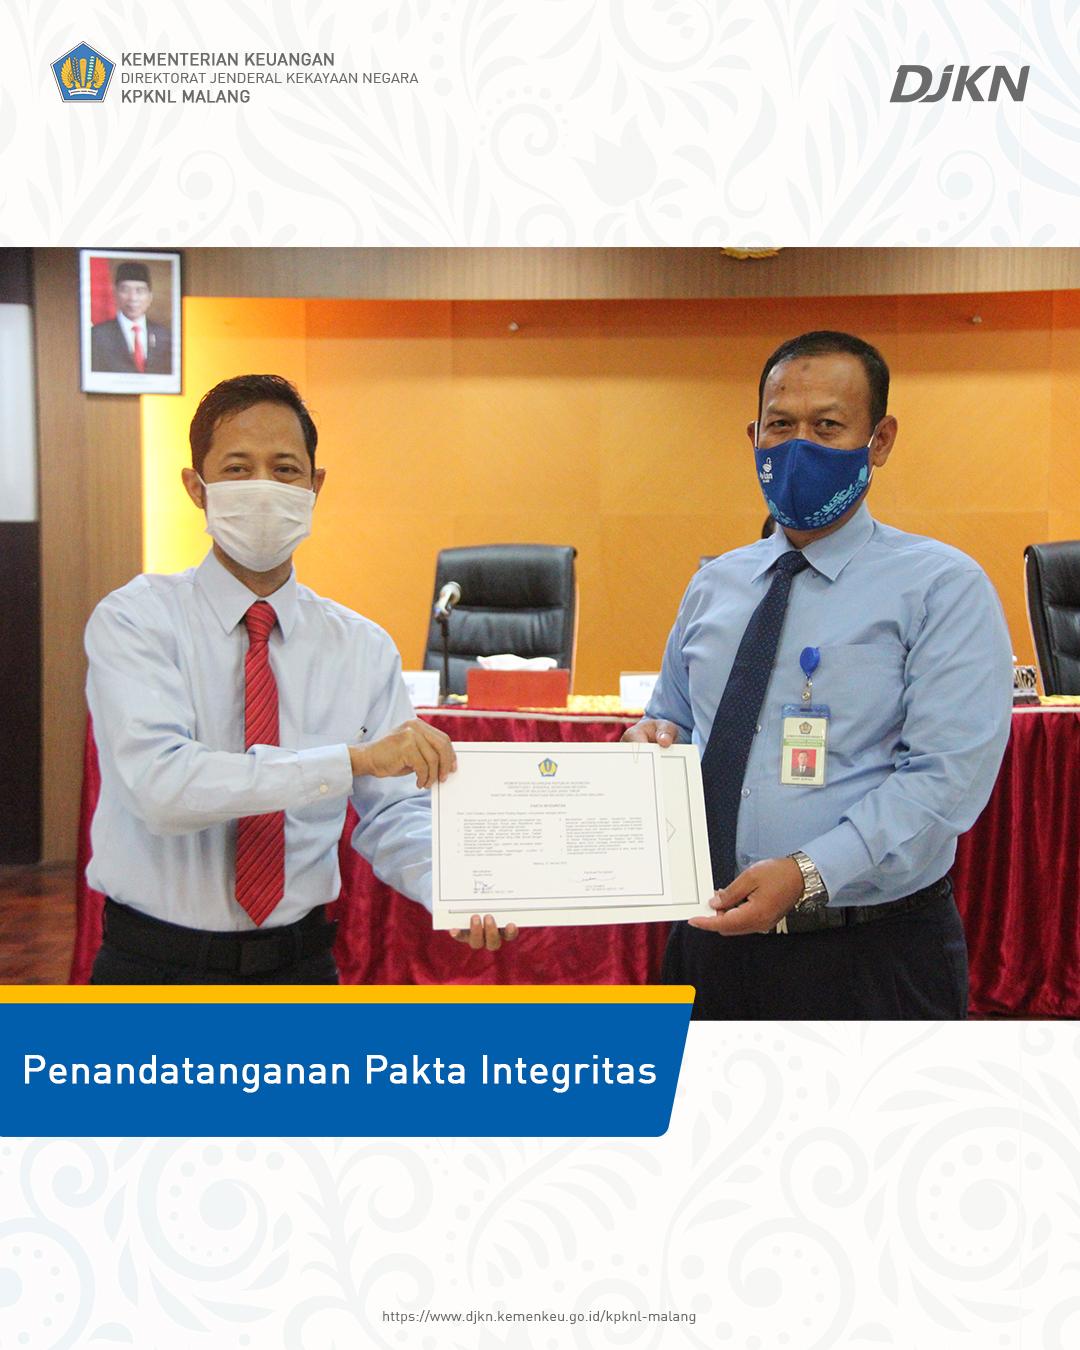 Penandatanganan Pakta Integritas  dan  sebagai Komitmen KPKNL Malang  membangun Zona Integritas menuju WBK/WBBM